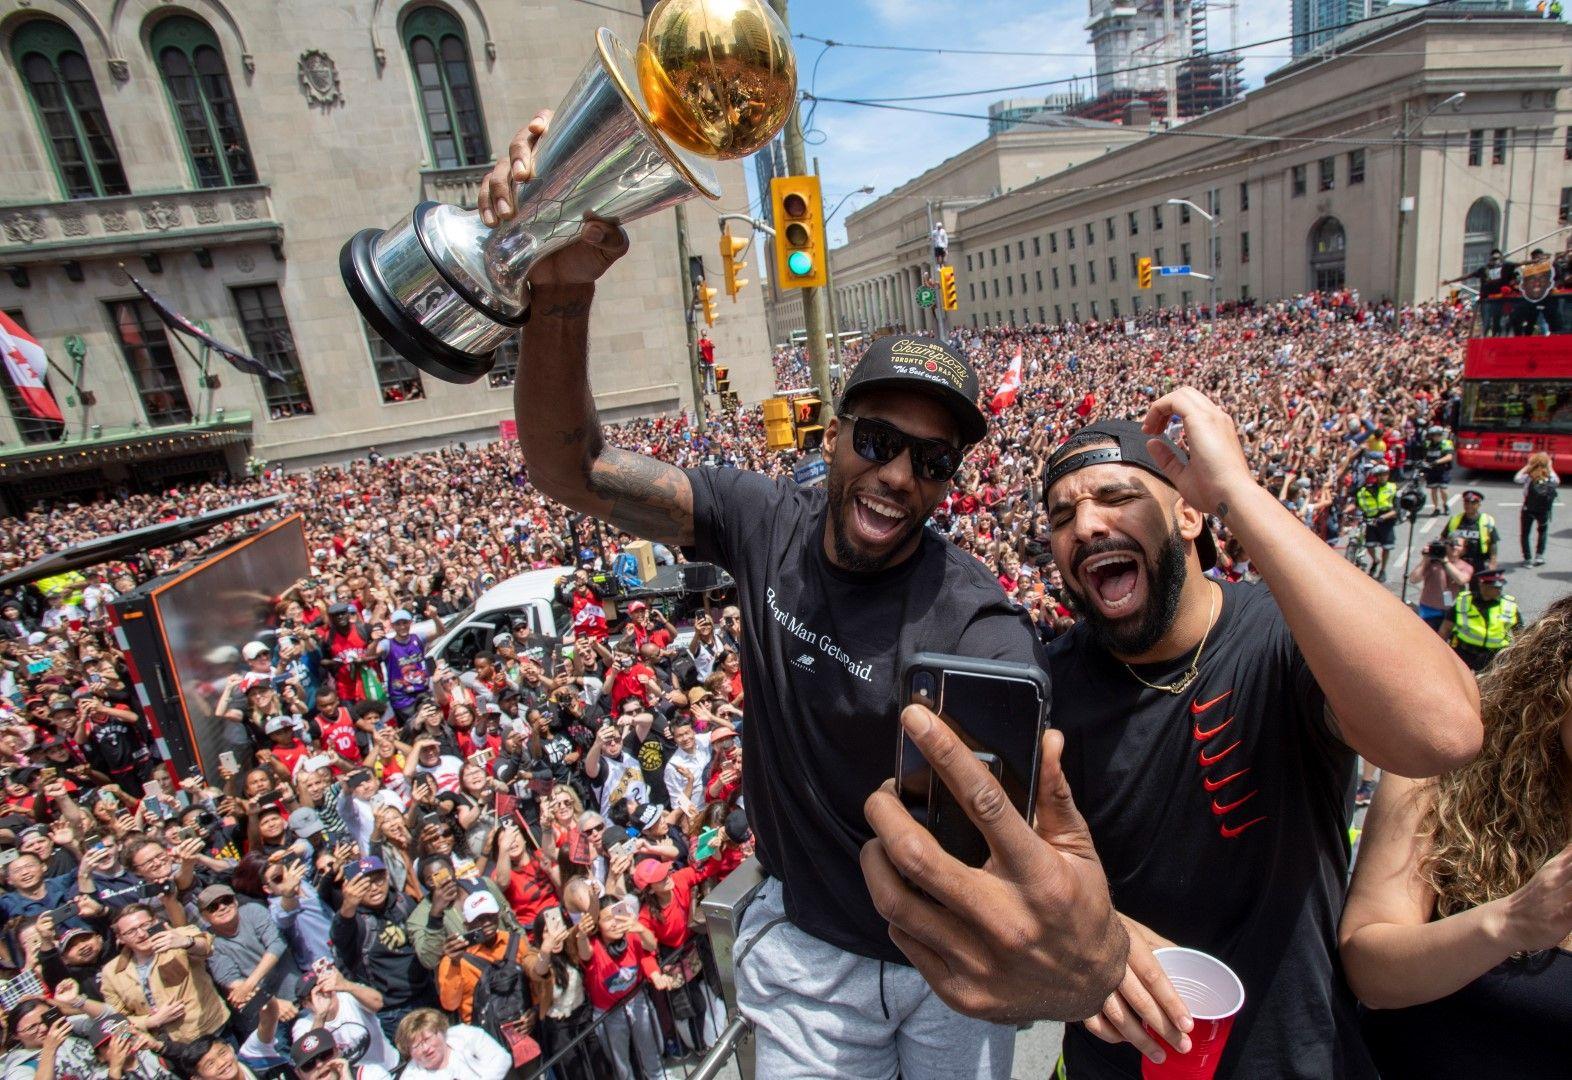 Звездата на Торонто Раптърс Кауай Леонард държи купата, до него е рапърът Дрейк, а зад тях е многолюдната тълпа преди да проехтят изстрелитее